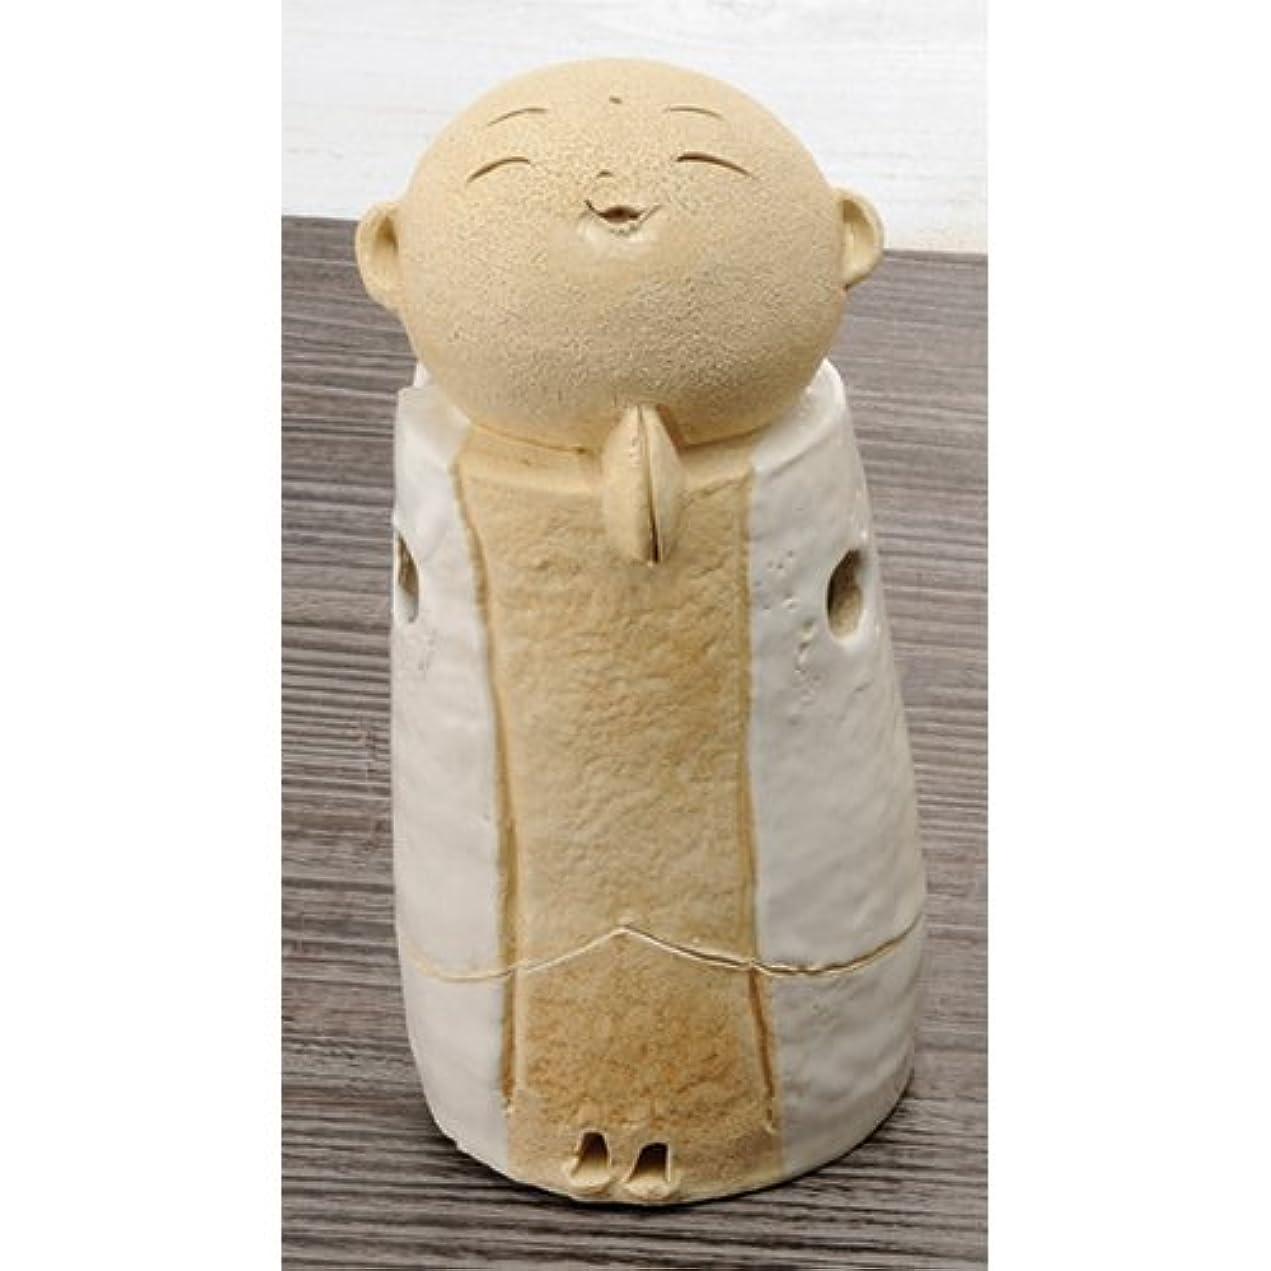 店主それる礼儀お地蔵様 香炉シリーズ 白 お地蔵様 香炉 5.3寸(大) [H15.5cm] HANDMADE プレゼント ギフト 和食器 かわいい インテリア